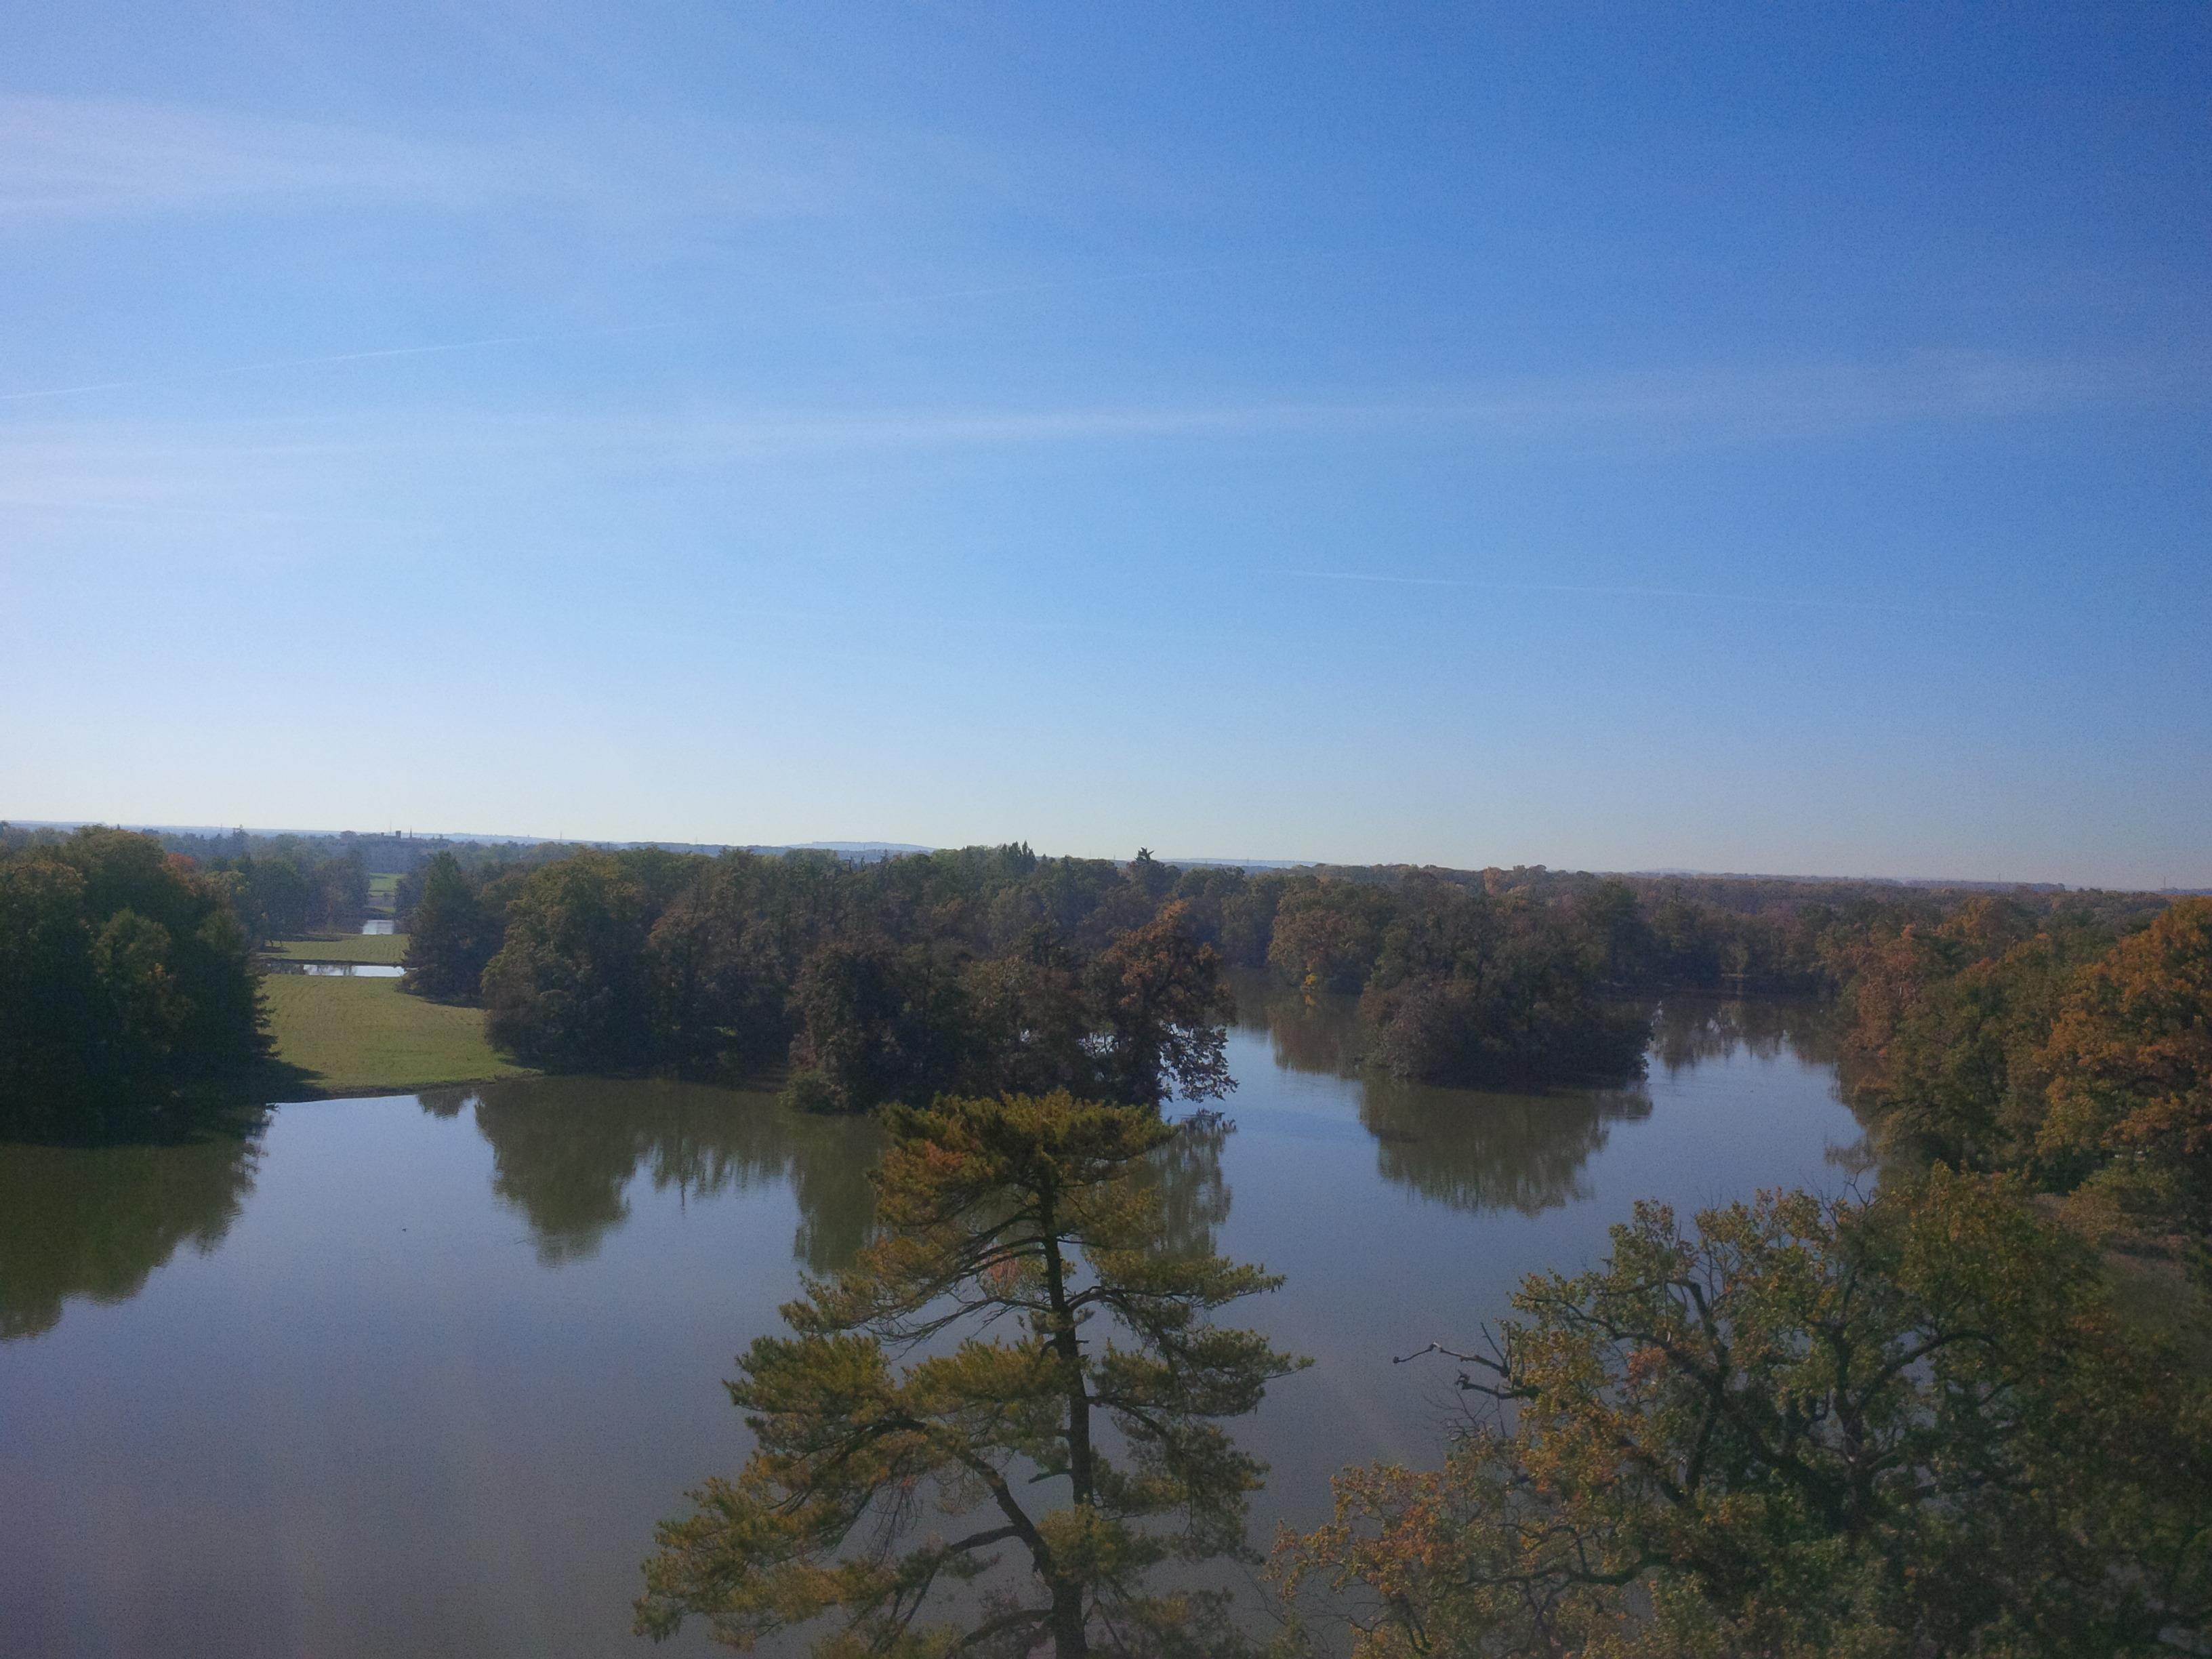 kilátás a minaret tetejéről - a Dyje-folyó és szigetei